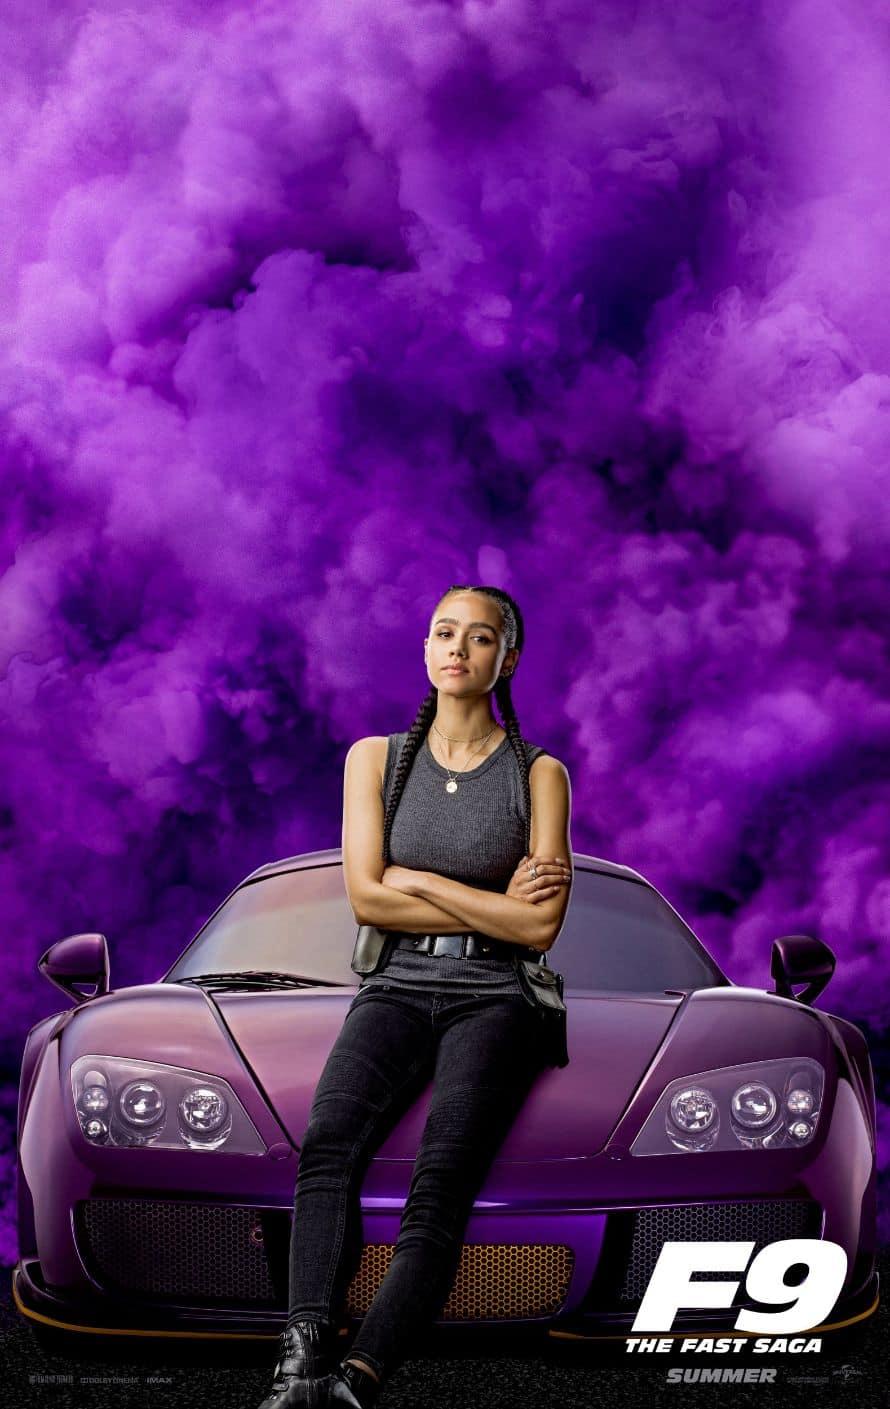 Fast and Furious Vin Diesel Nathalie Emmanuel